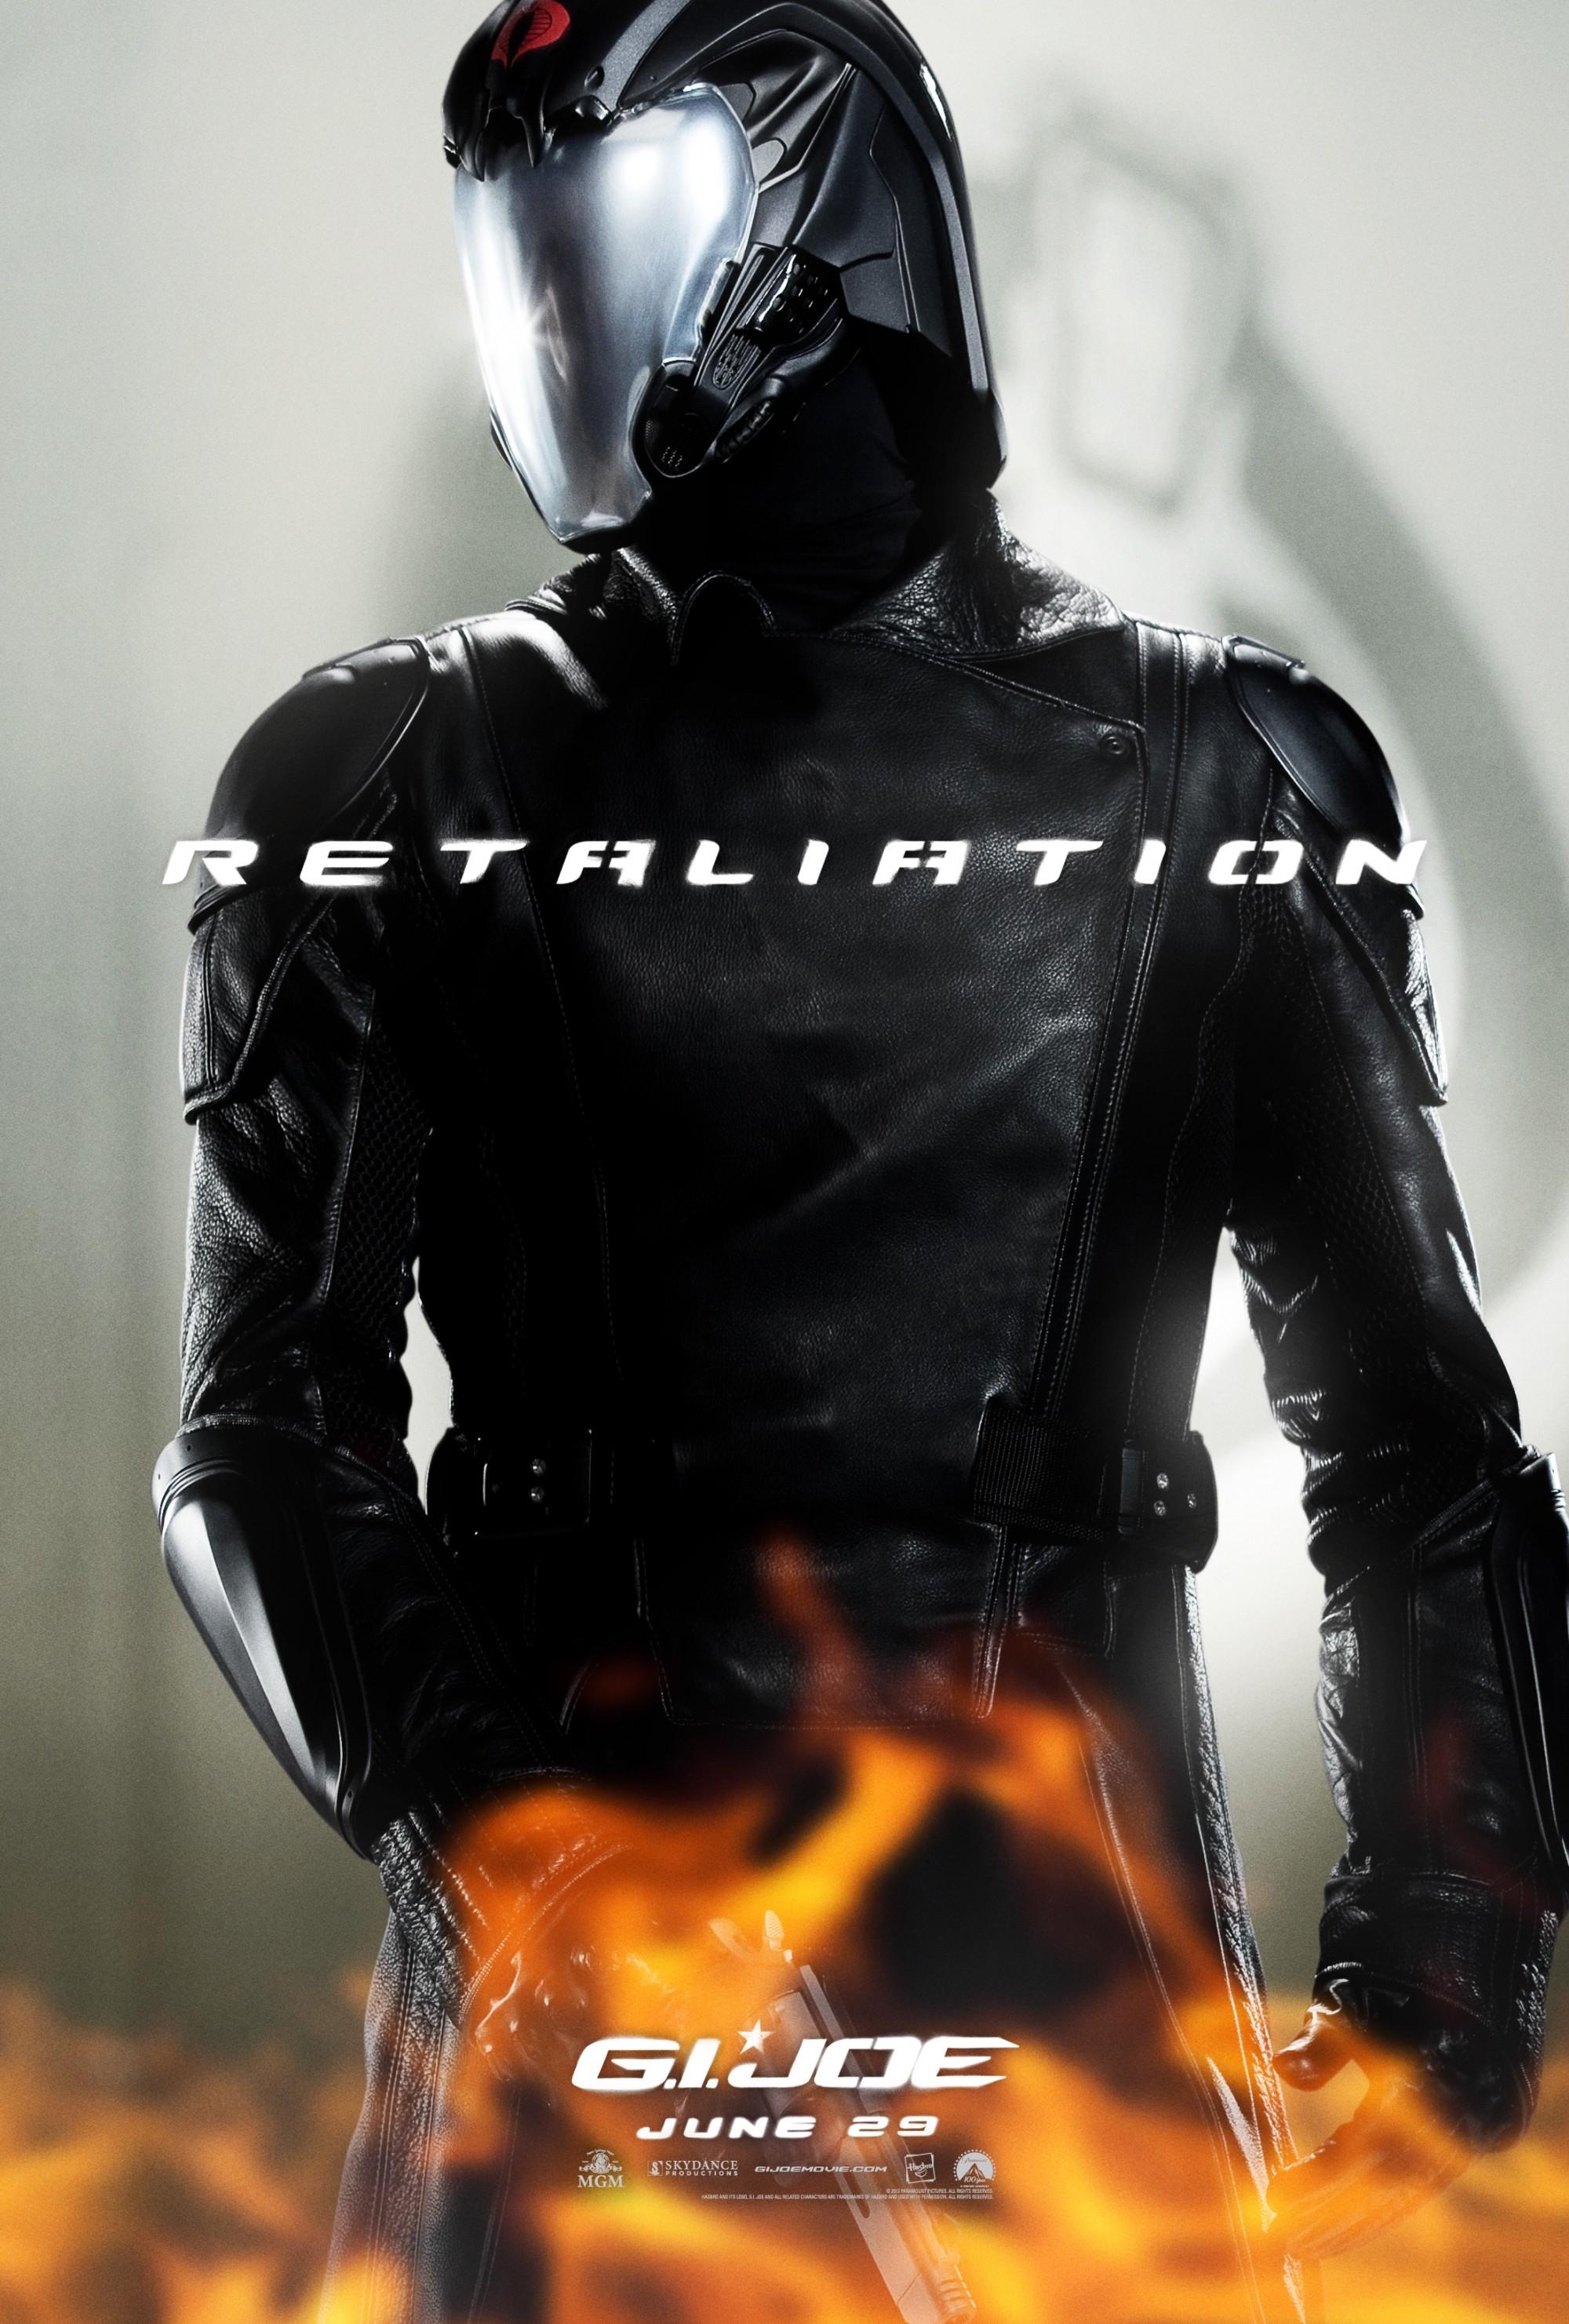 G.I. Joe: Retaliation - Movie Poster #12 (Original)